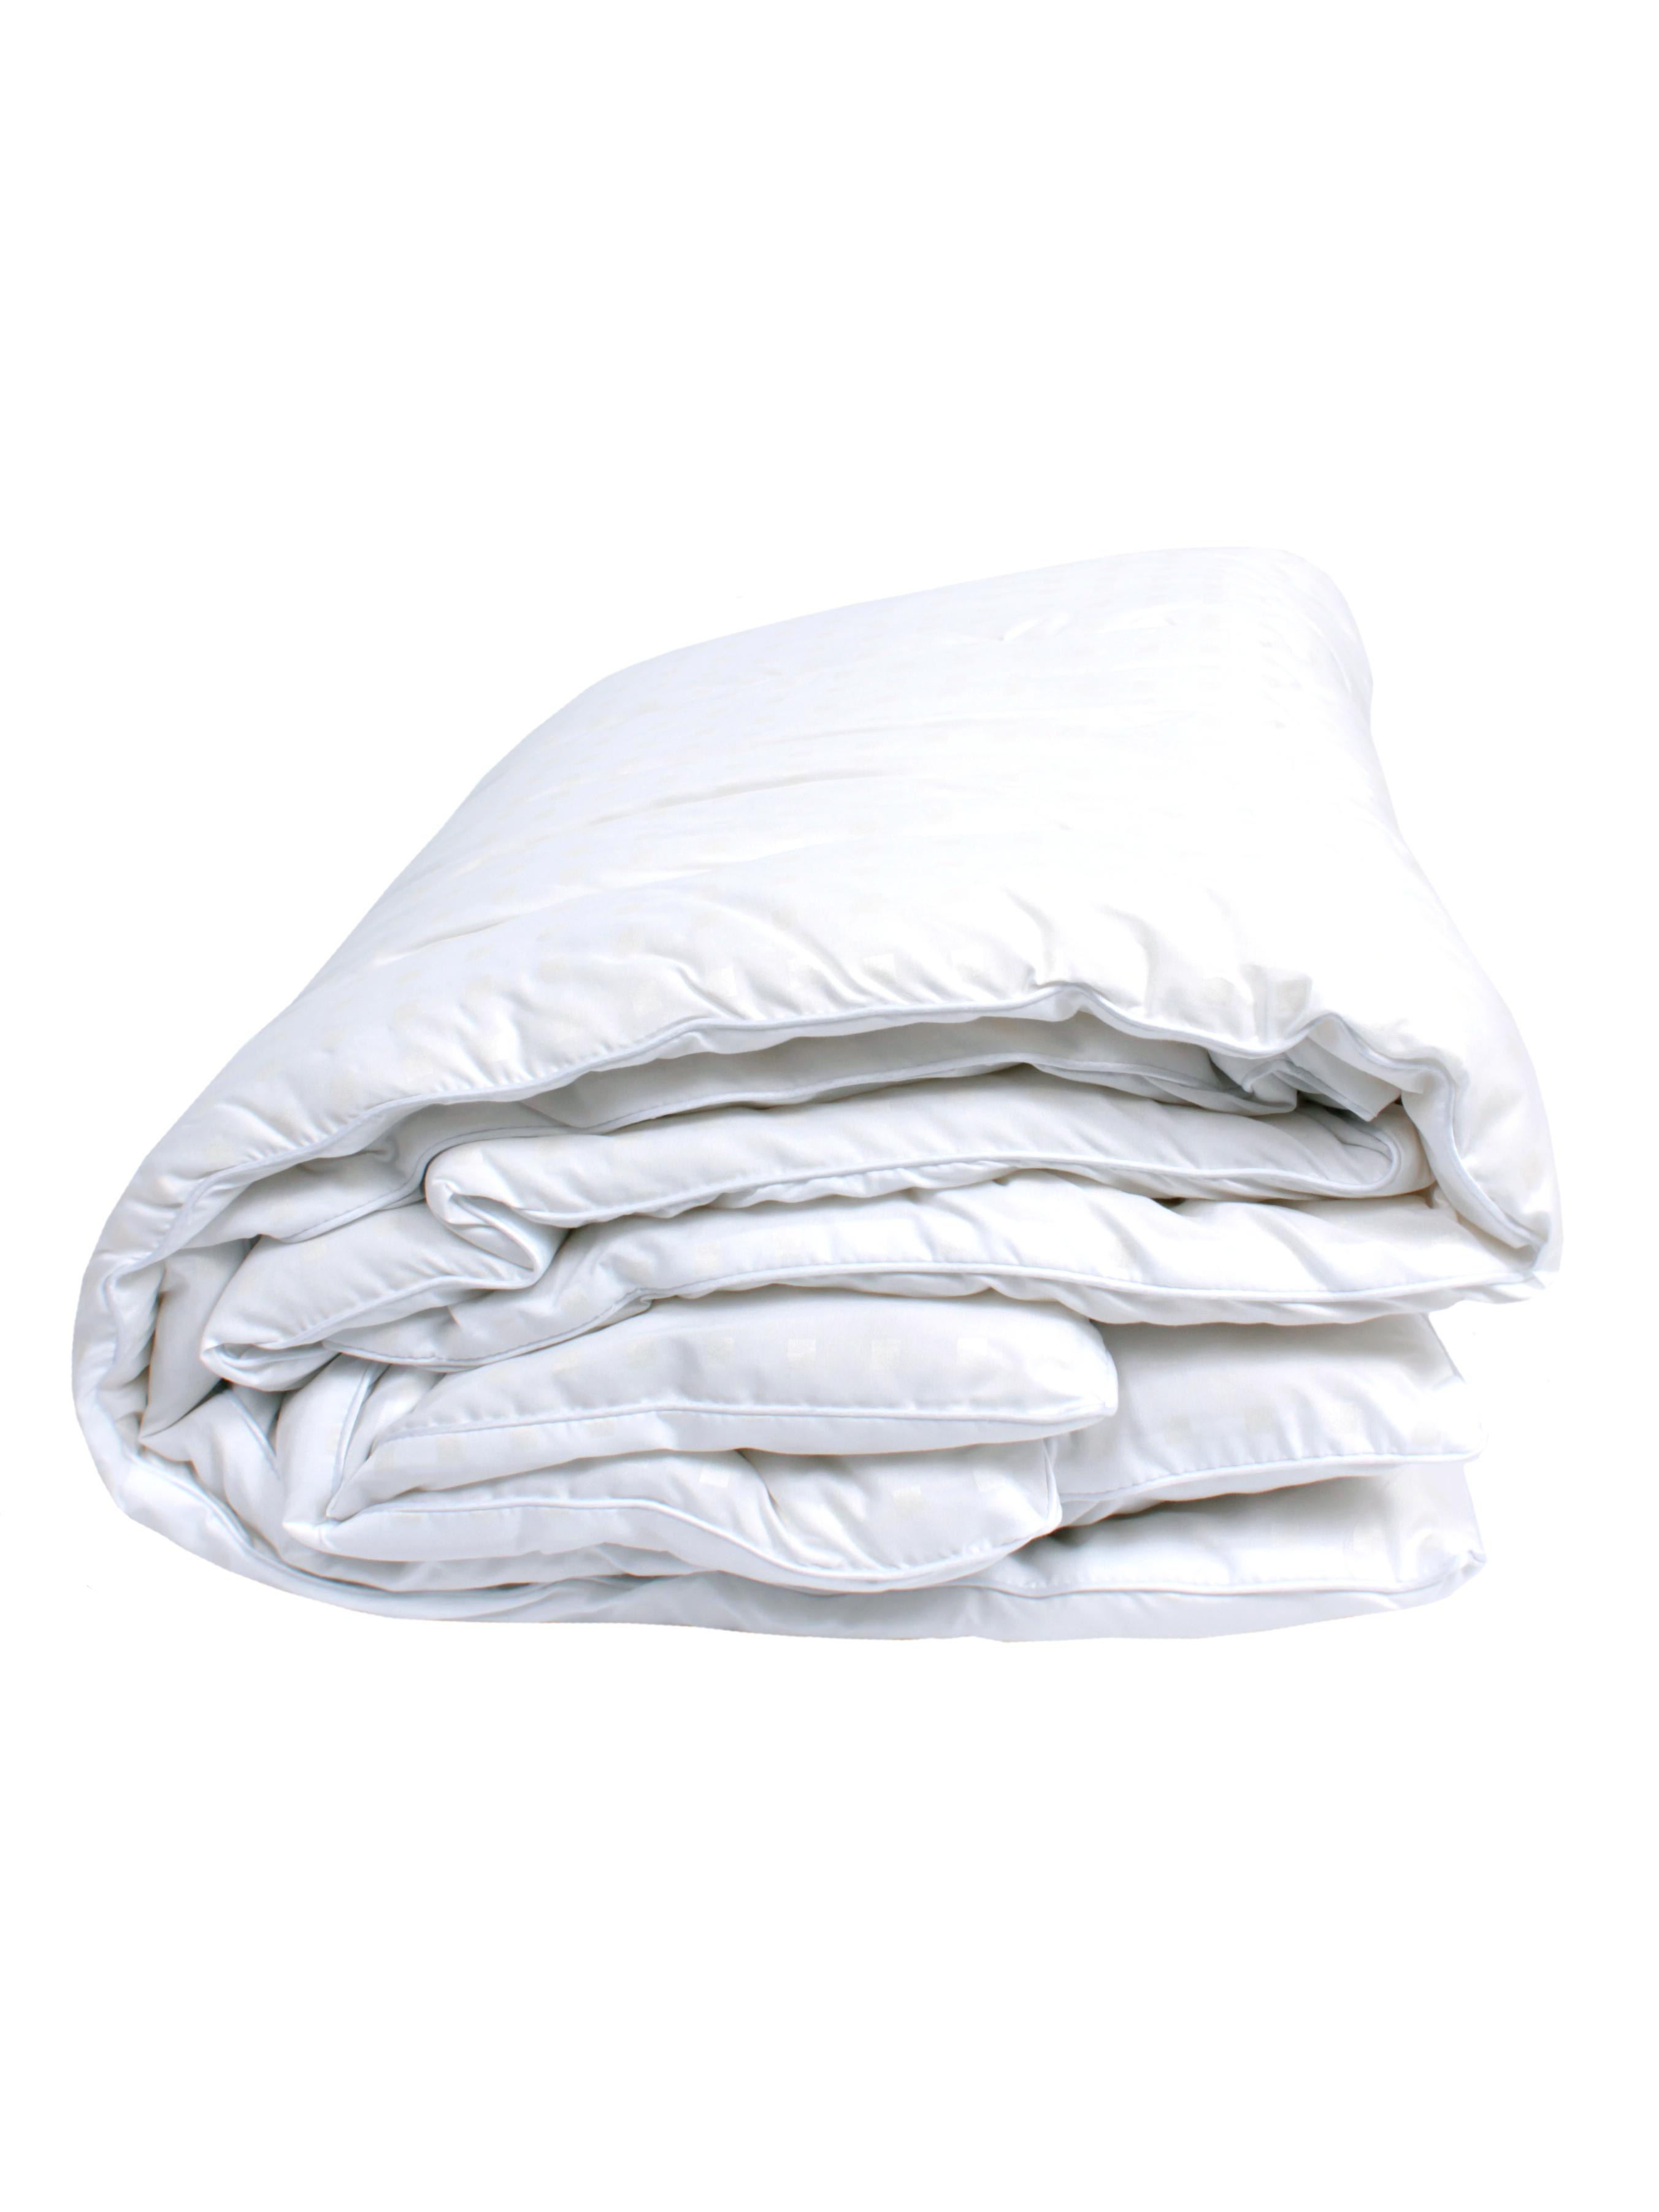 Одеяло легкое SLEEP DELIVERY 1,5 спальное